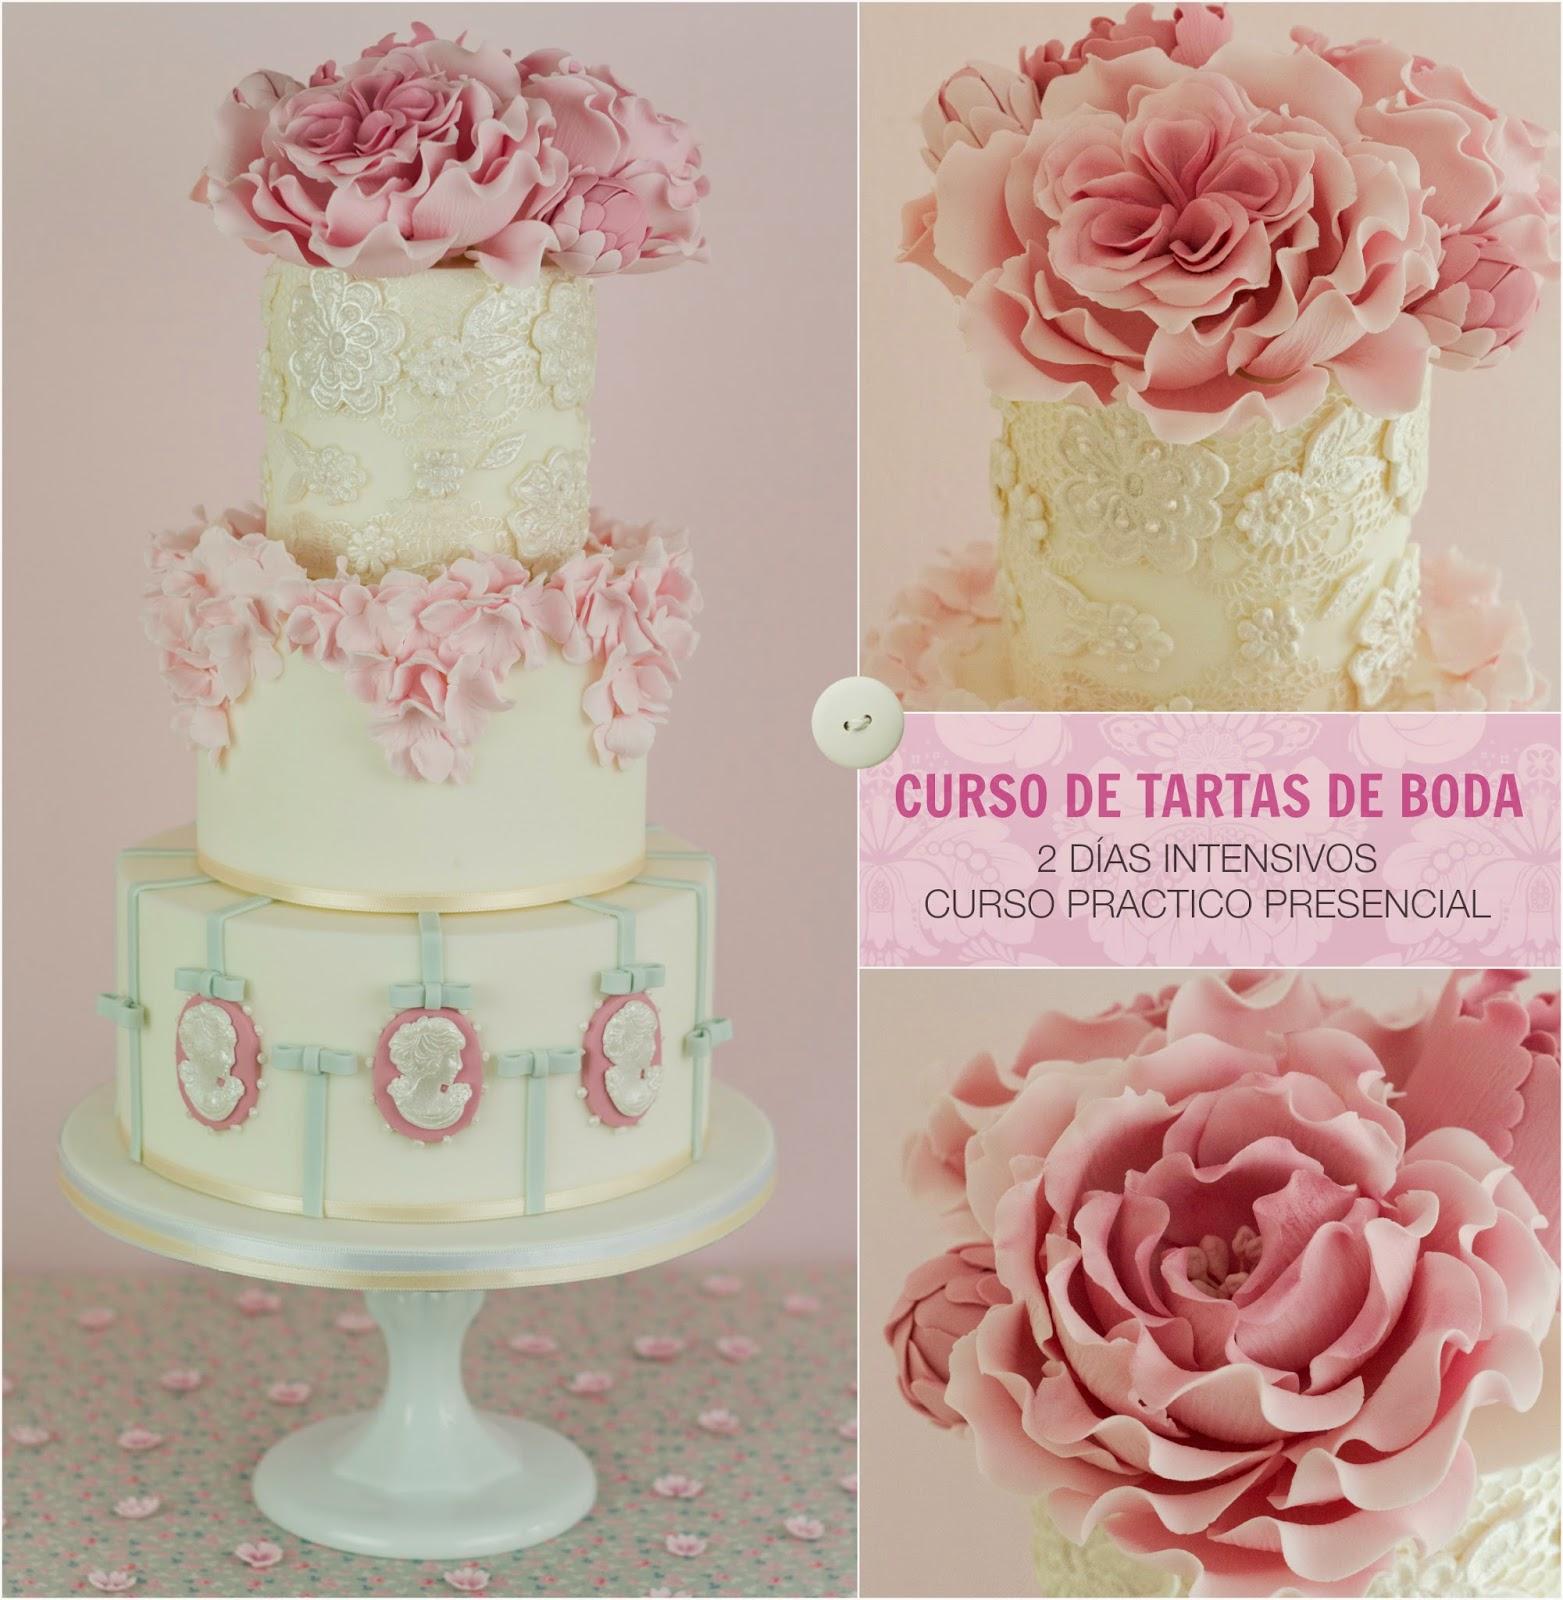 Curso de tartas de boda de Patricia Arribalzaga